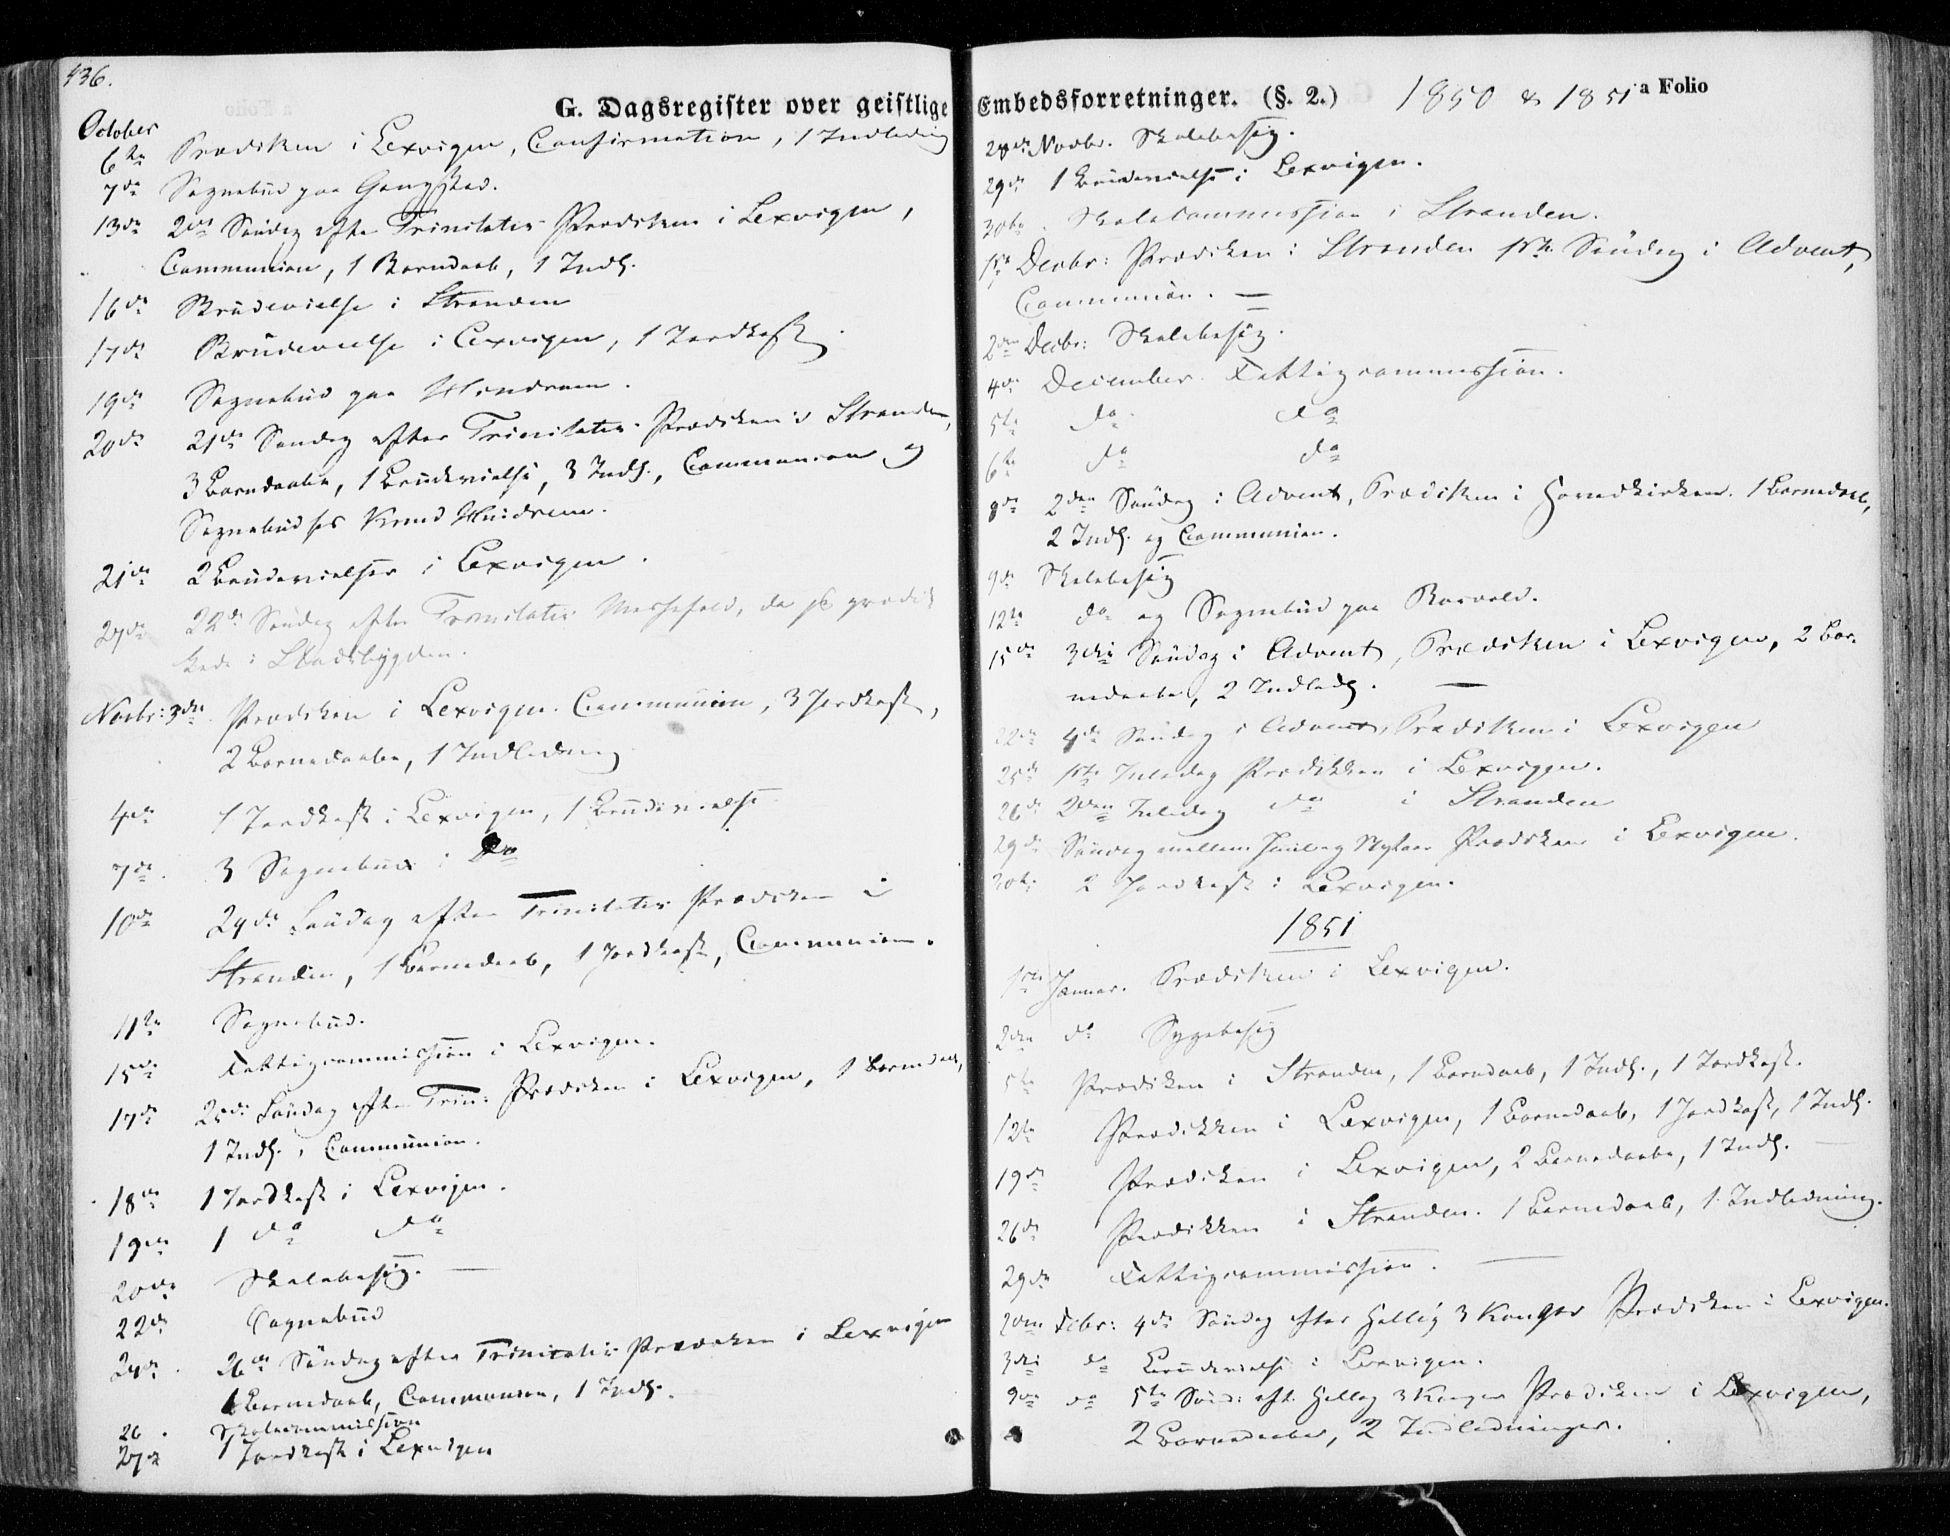 SAT, Ministerialprotokoller, klokkerbøker og fødselsregistre - Nord-Trøndelag, 701/L0007: Ministerialbok nr. 701A07 /1, 1842-1854, s. 436